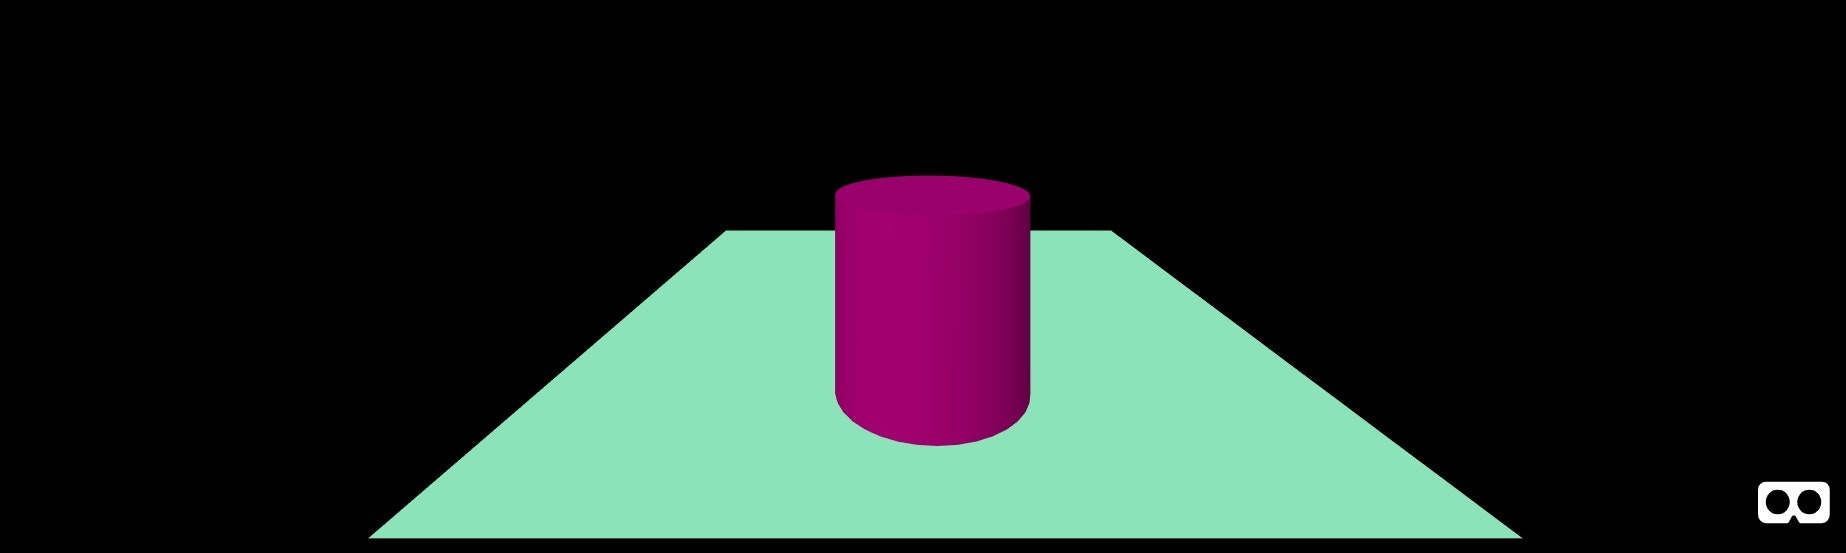 sample_VR.jpg